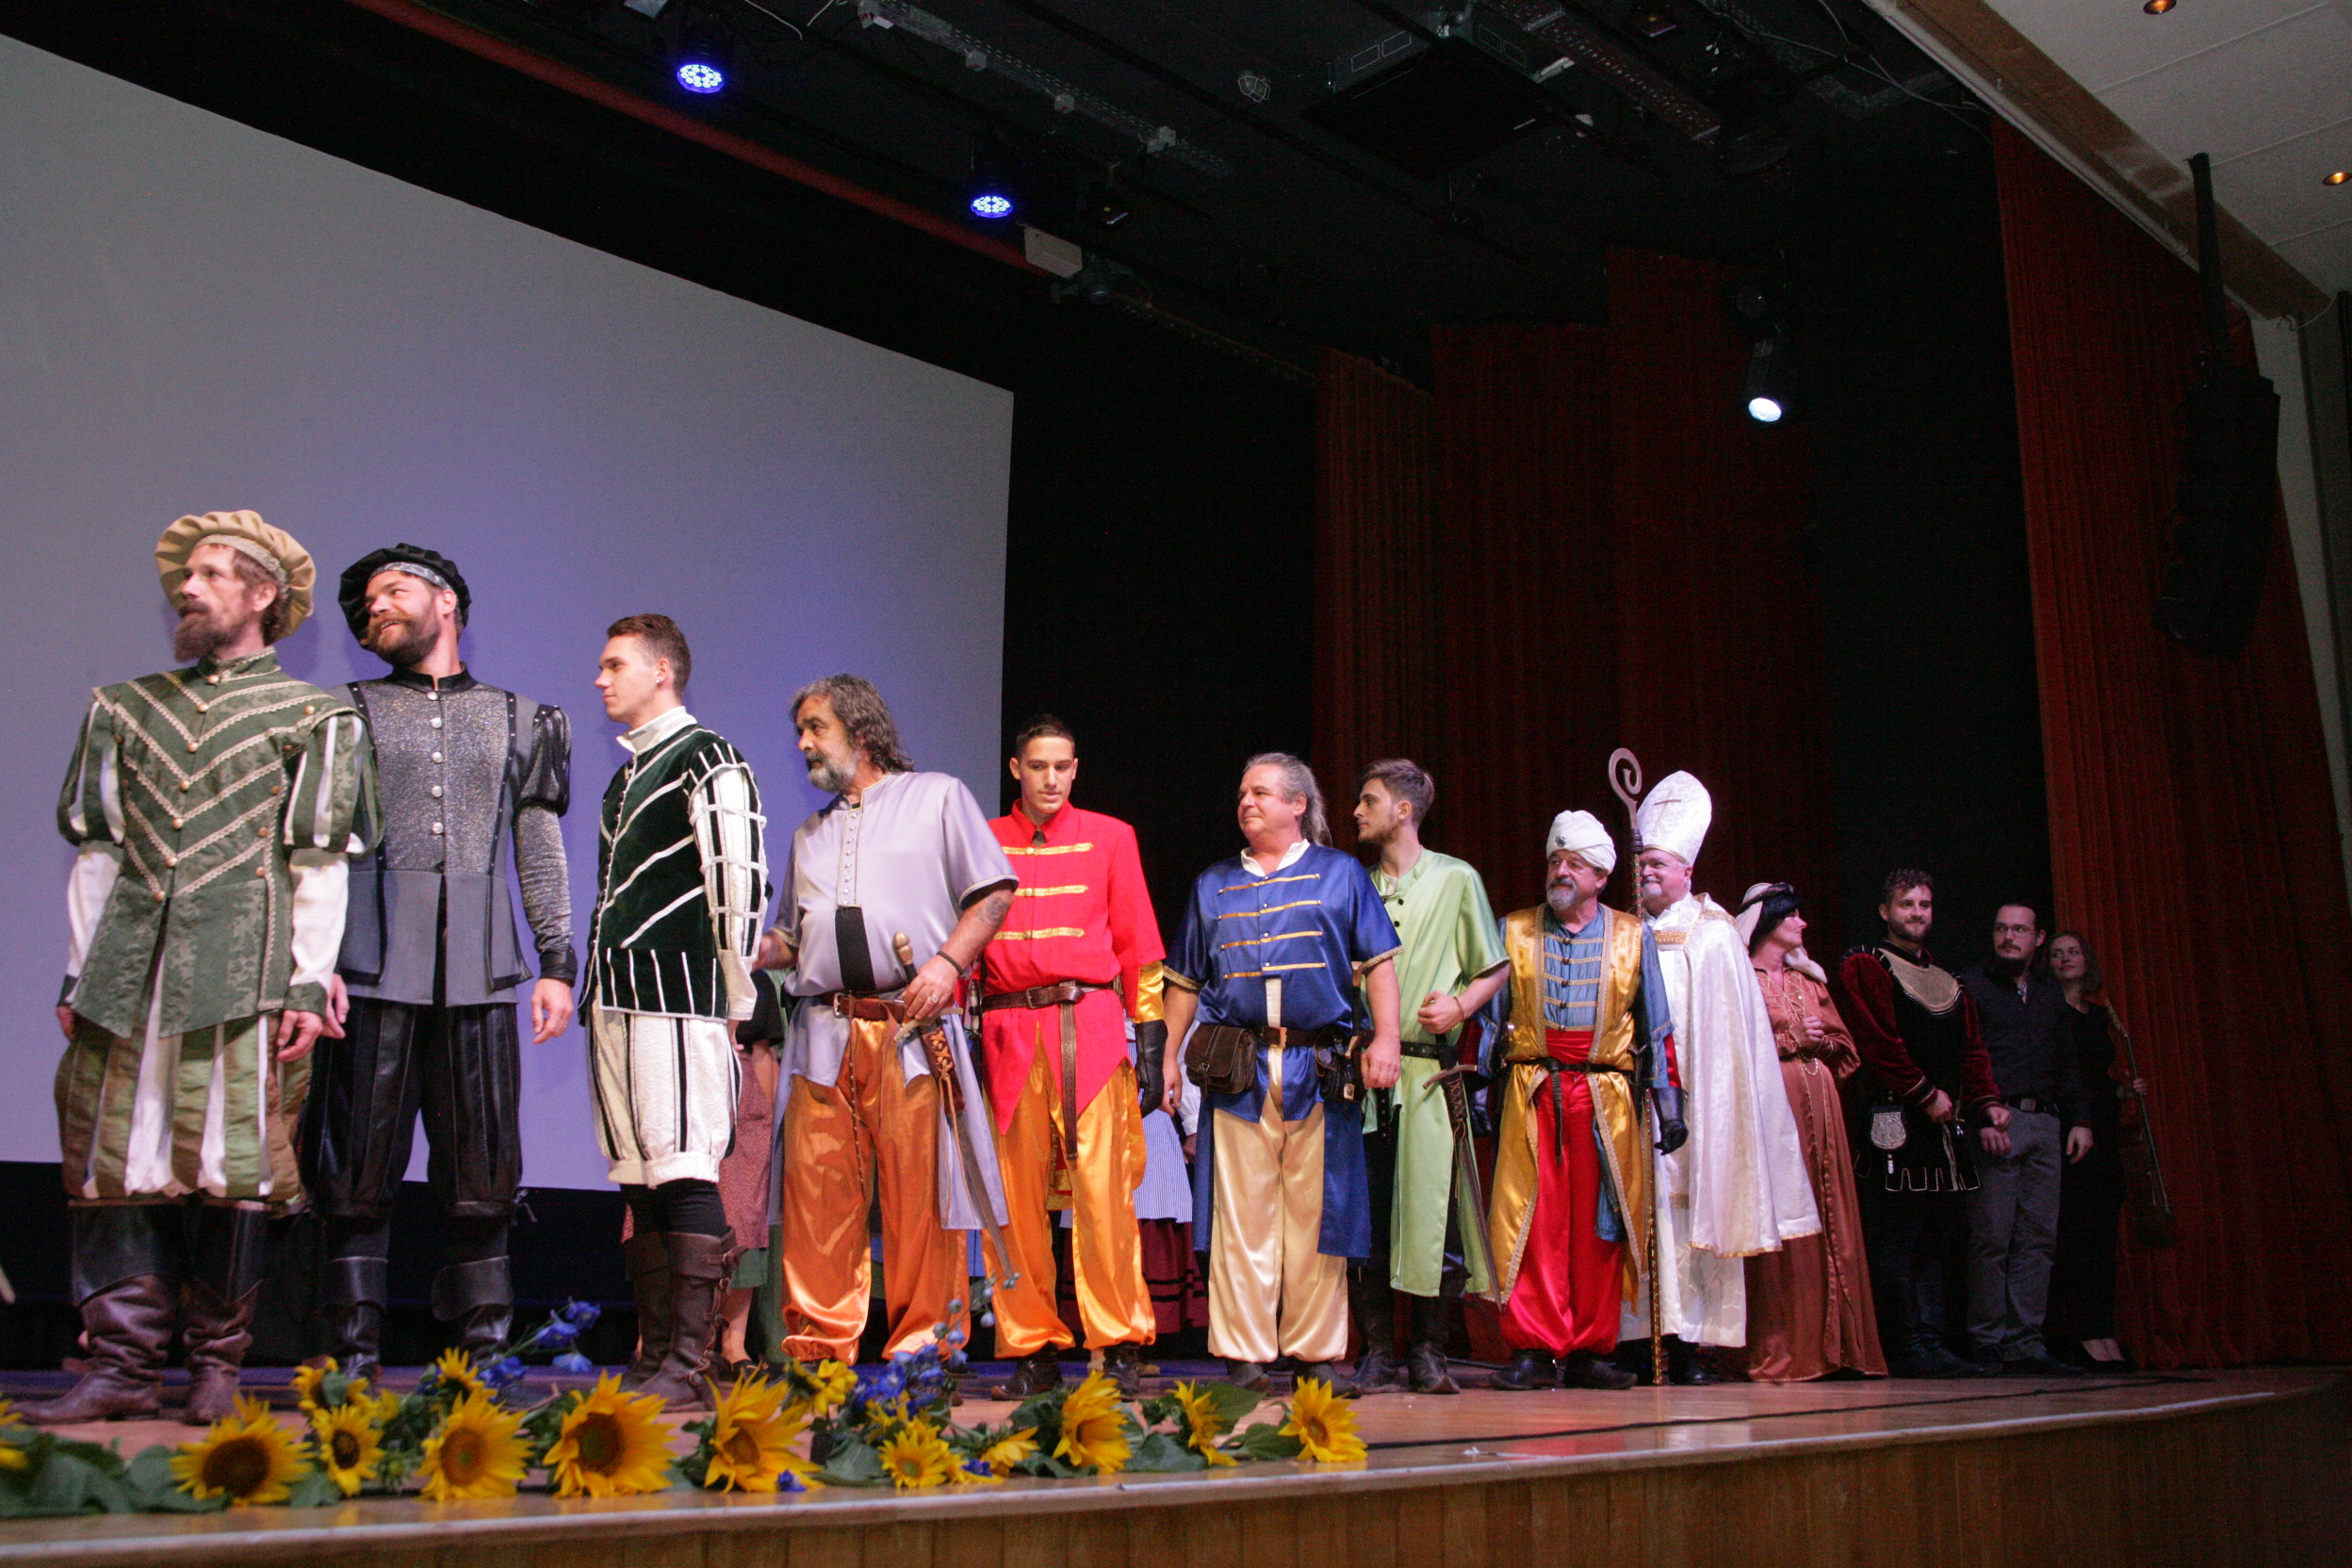 V predstavi je sodelovala 60 oseb.